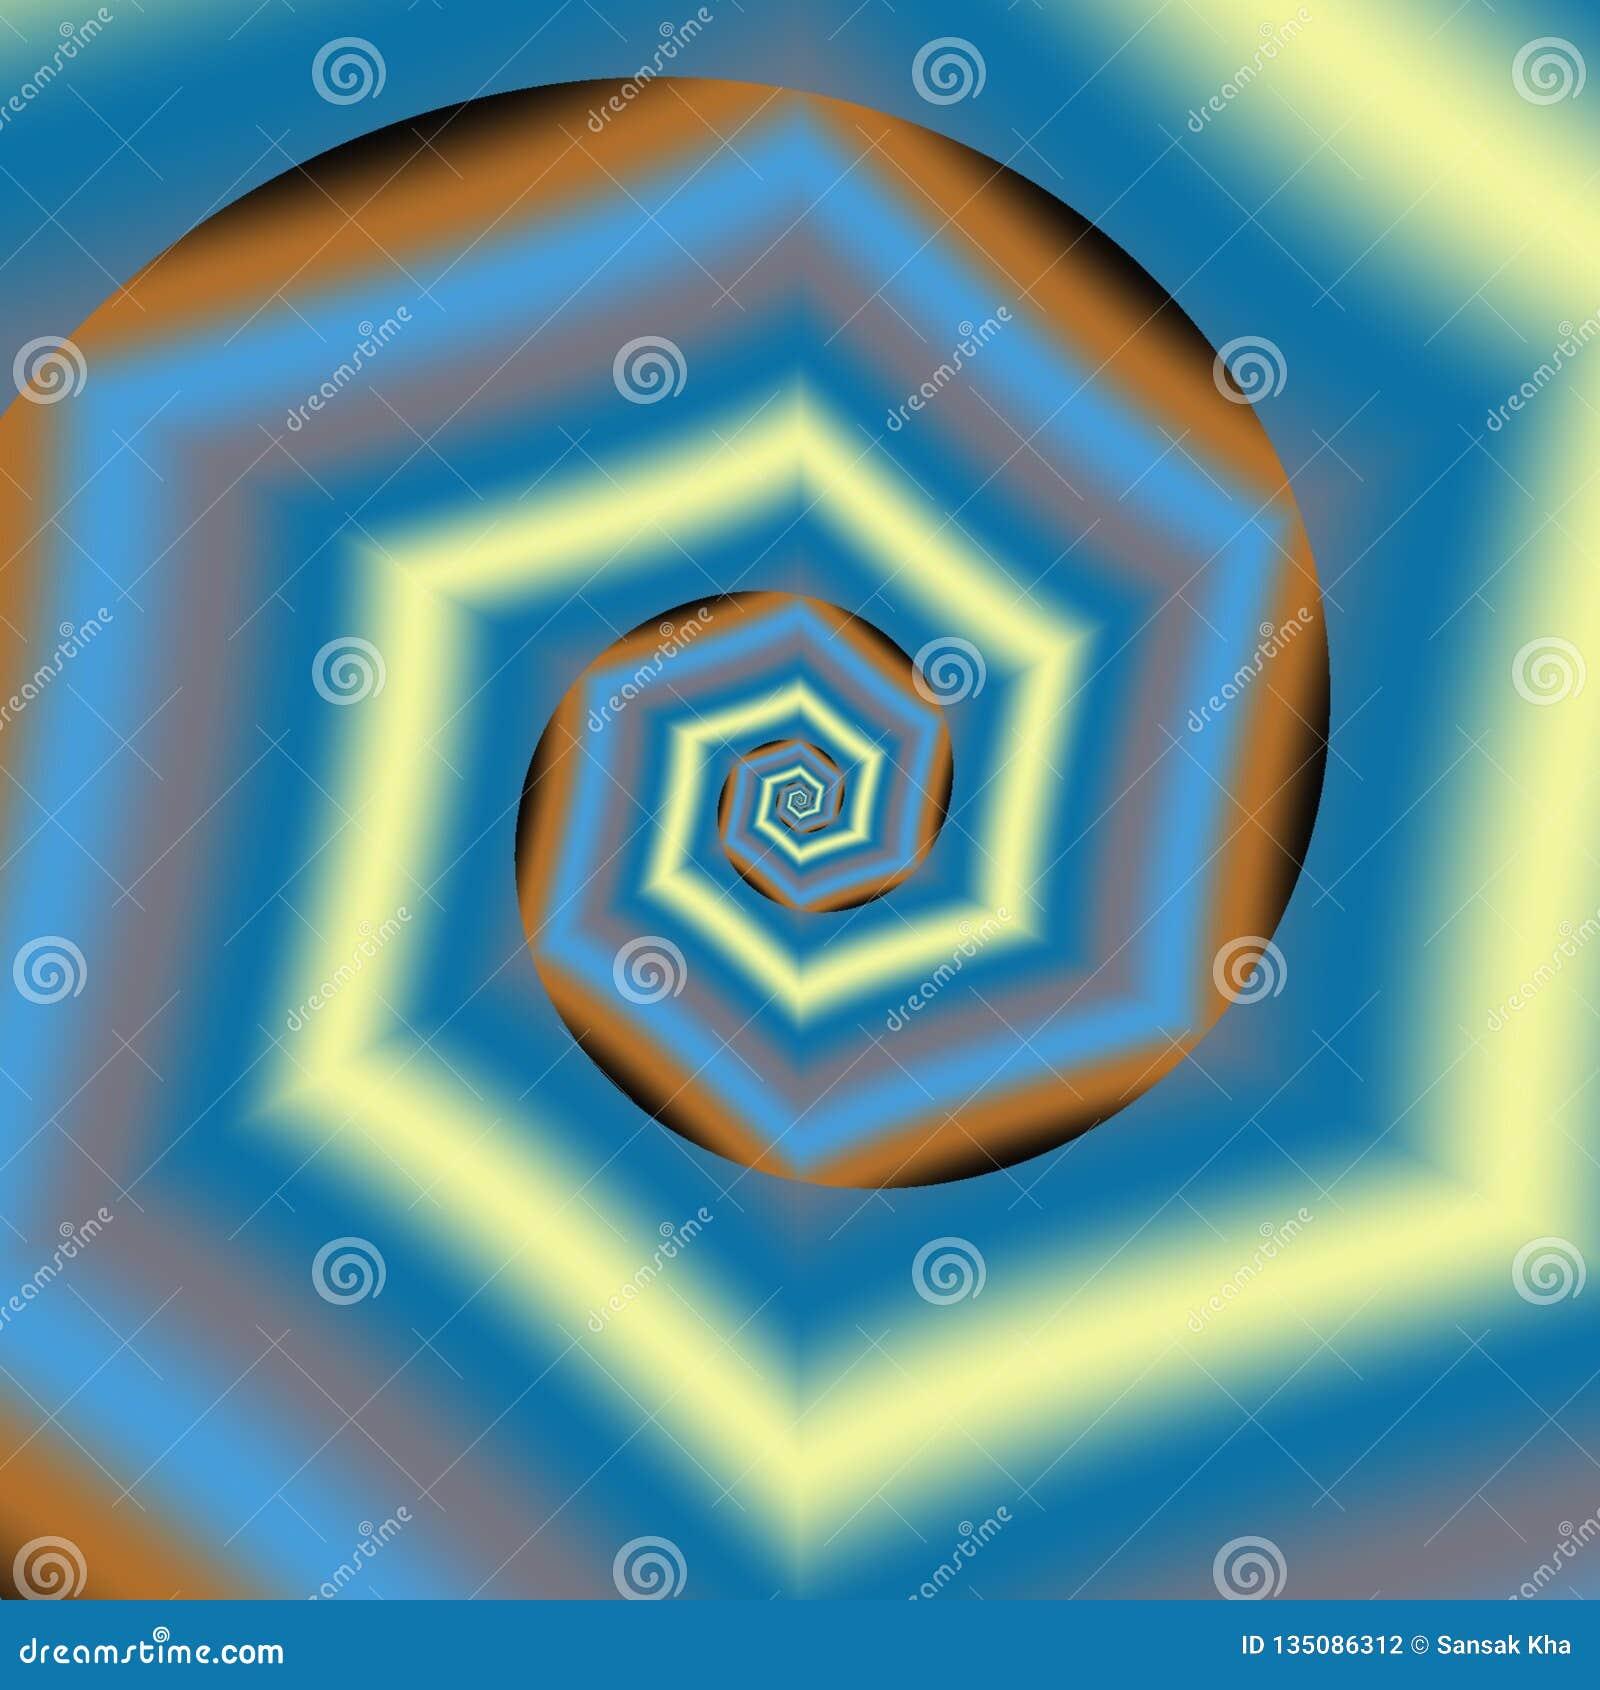 Αφηρημένο ζωηρόχρωμο σχέδιο υποβάθρου, μπλε, κίτρινος, μαύρο, πορτοκάλι